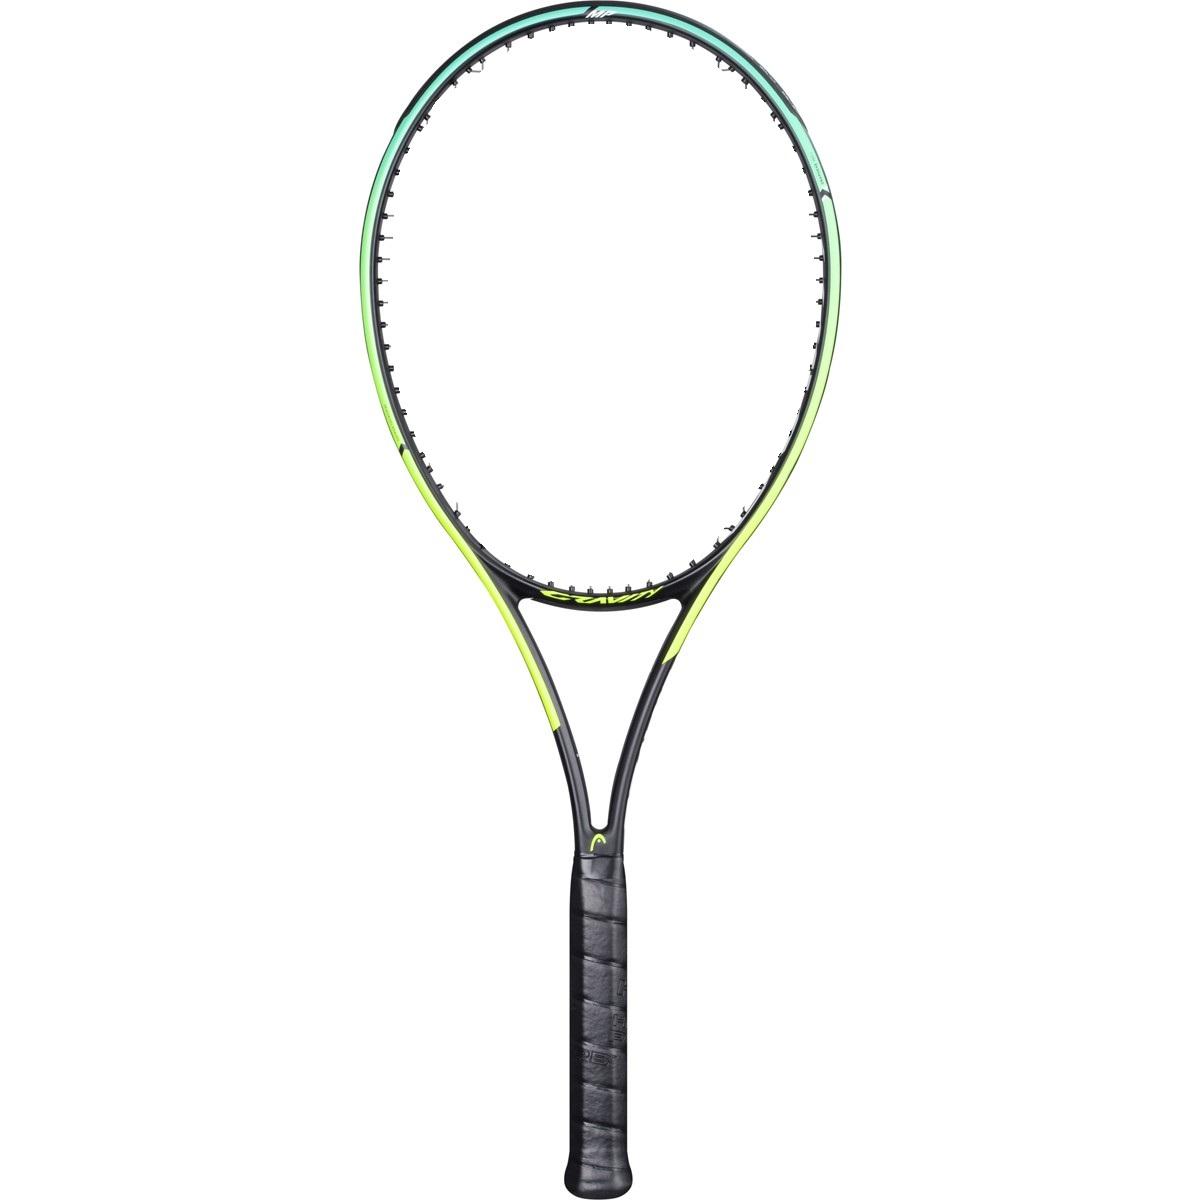 送料無料 ポイントアップ グリップテープ1本付 2021モデル ヘッド グラフィン360 グラビティMP 295g 超激安特価 360 MP 期間限定 GRAPHENE HEAD テニスラケット GRAVITY